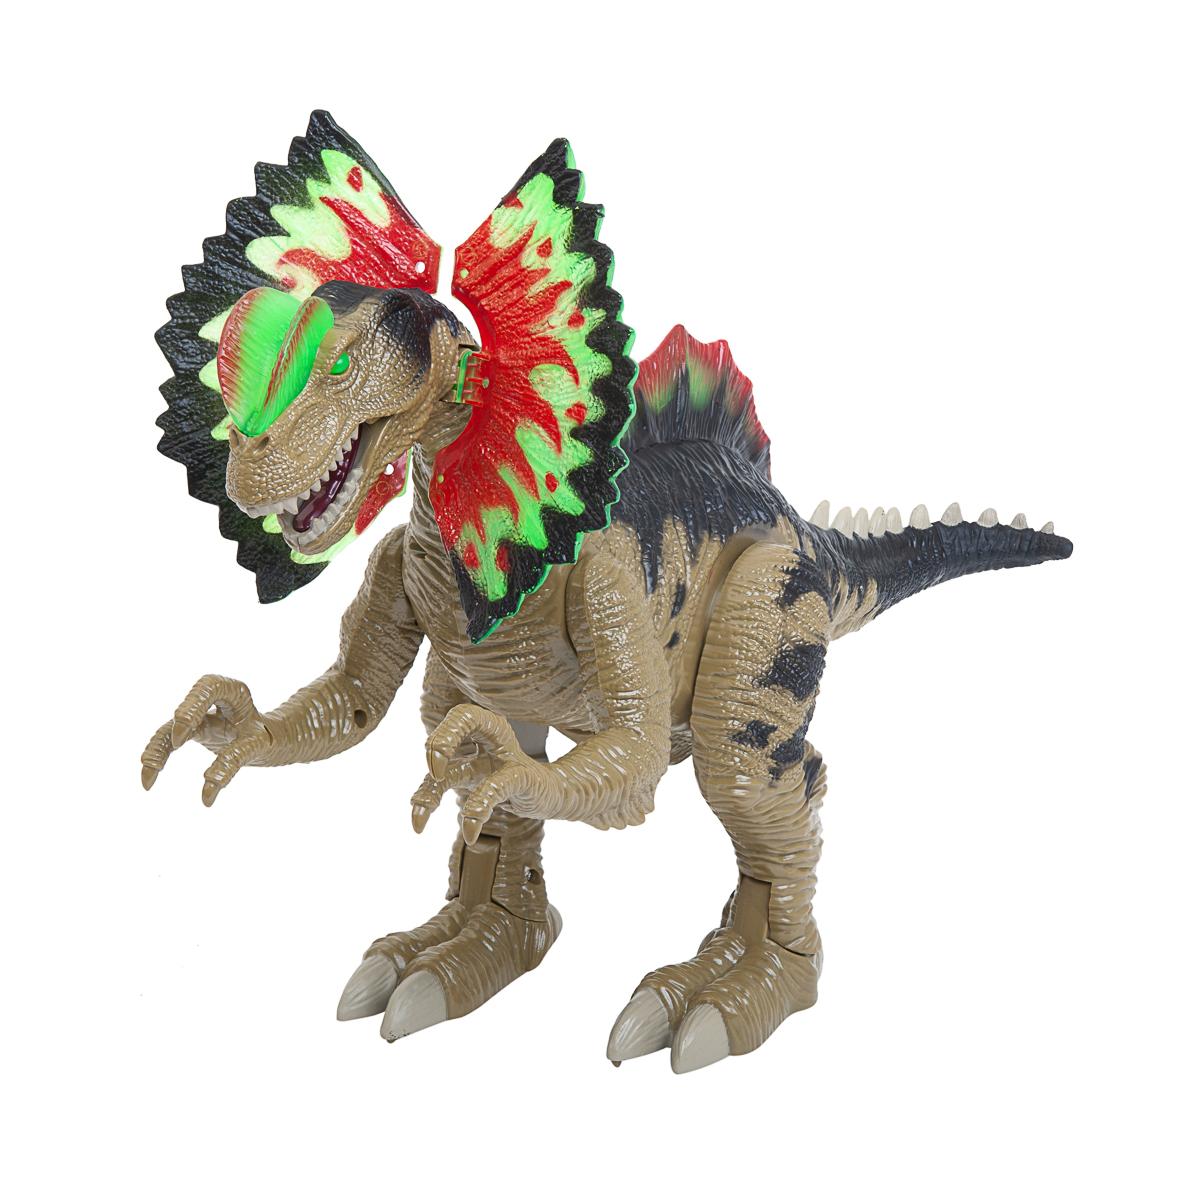 Dino vs World, Köttätande dinosaurie med ljud och ljus, 45 cm